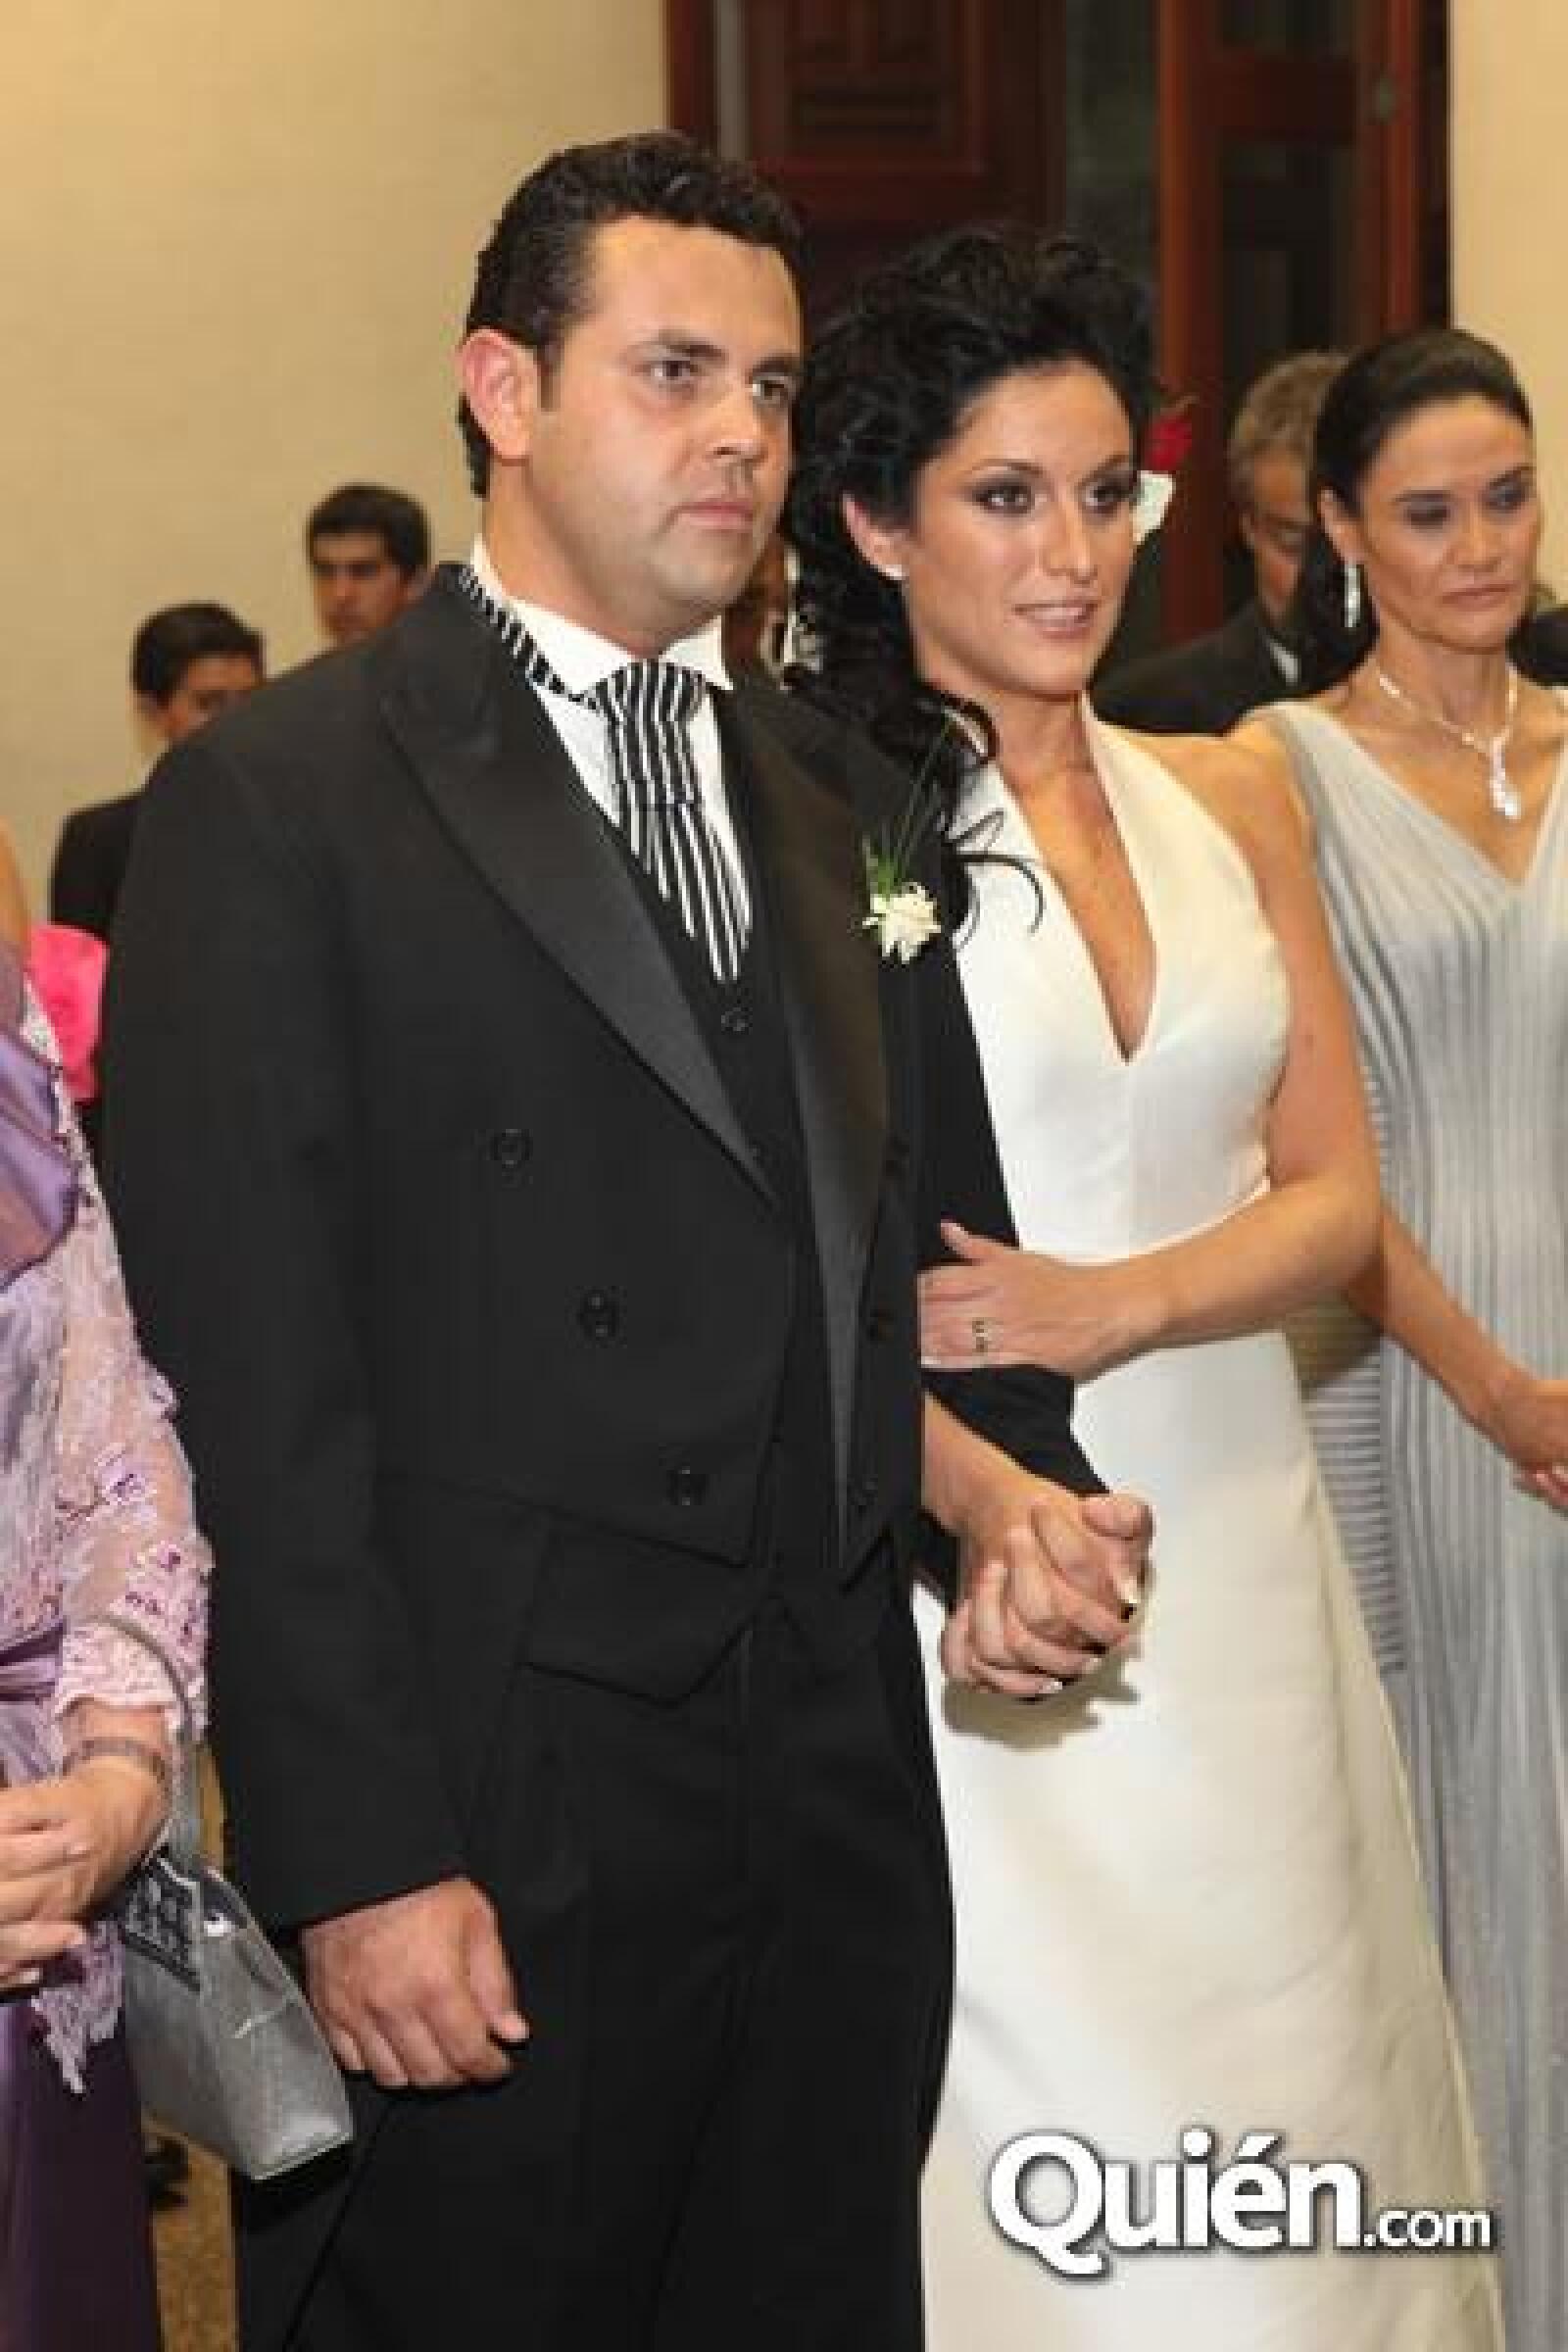 Guillermo Ochoa y Danielle Dithurbide